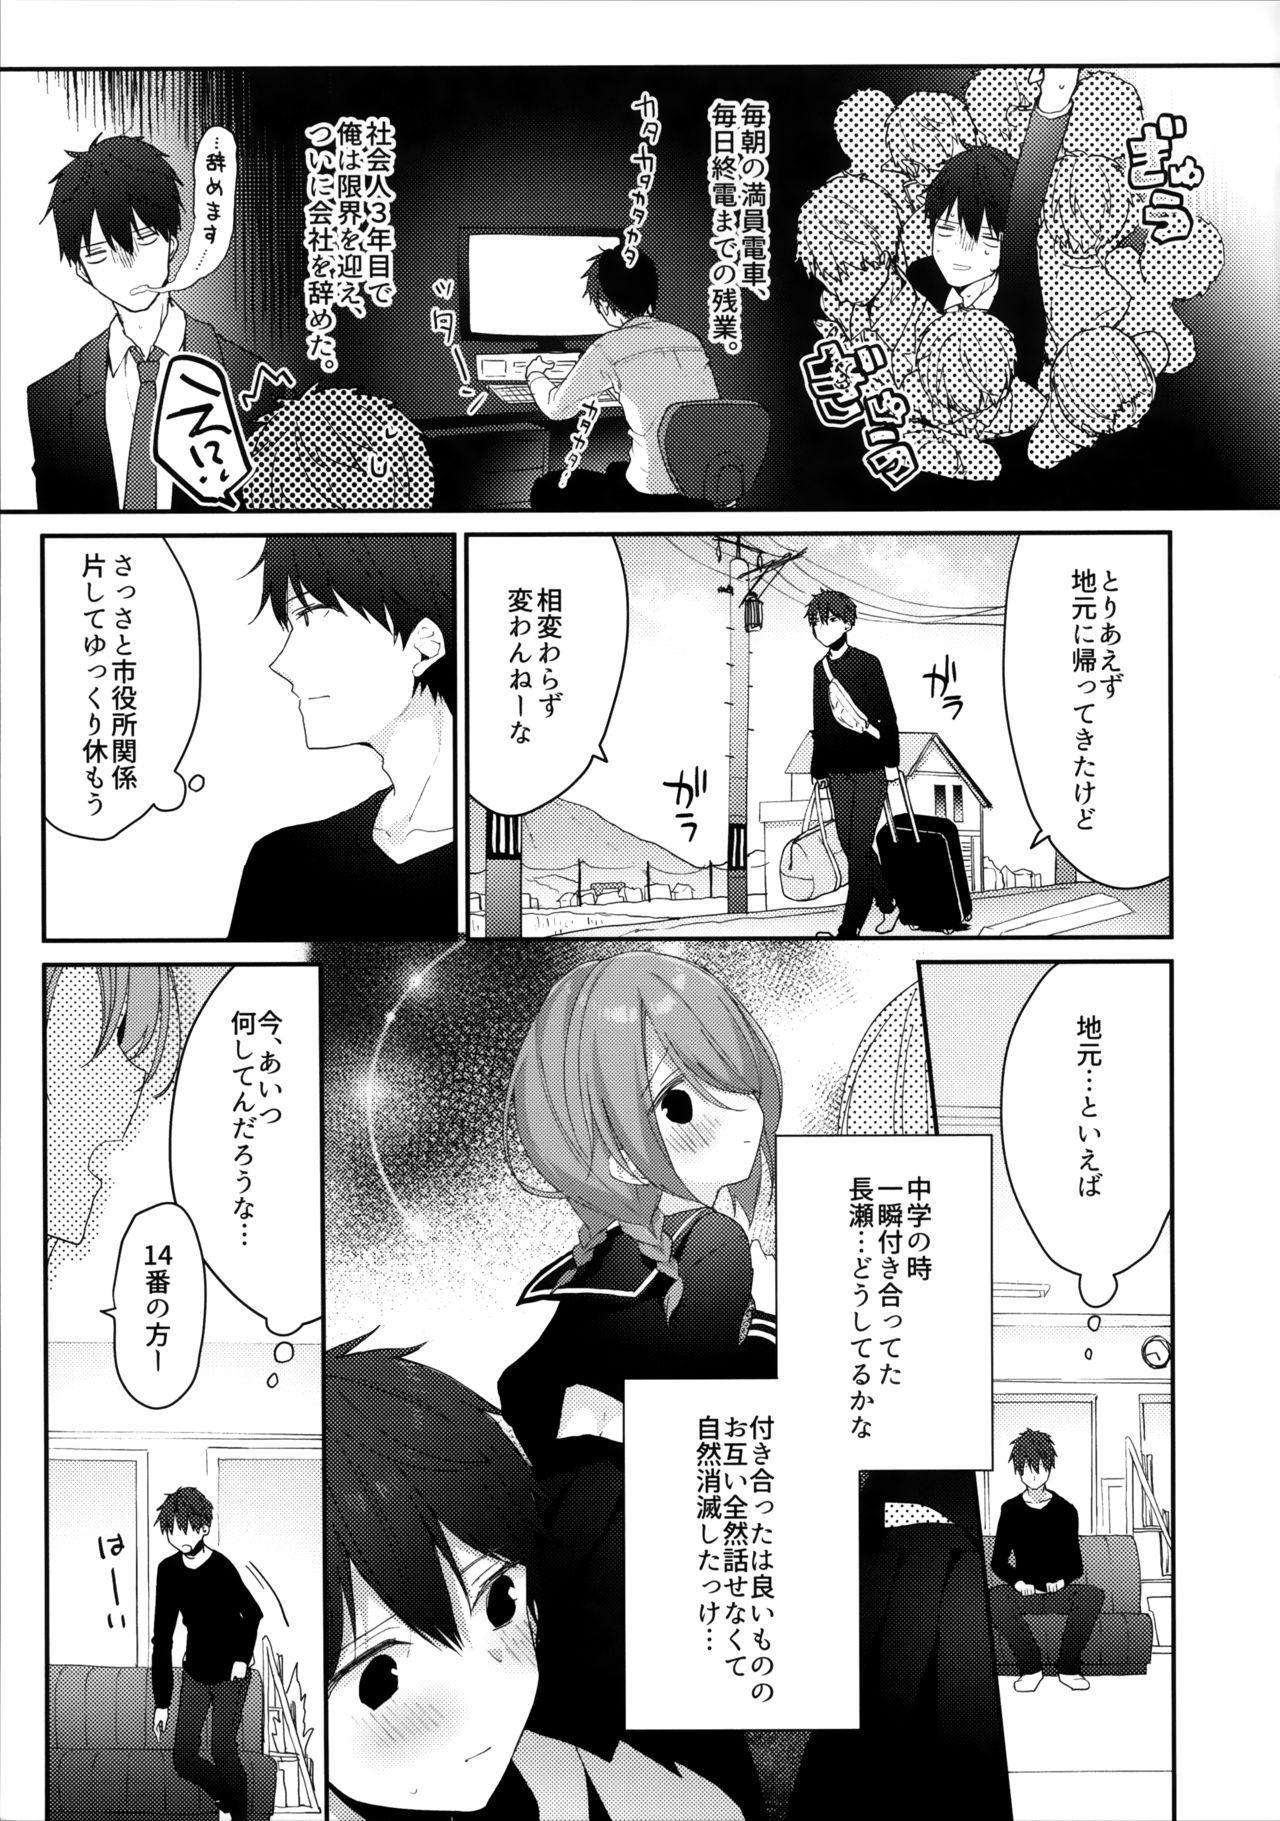 Otonashikatta Motokano ga Ecchi ni Sekkyokutekisugiru. 3